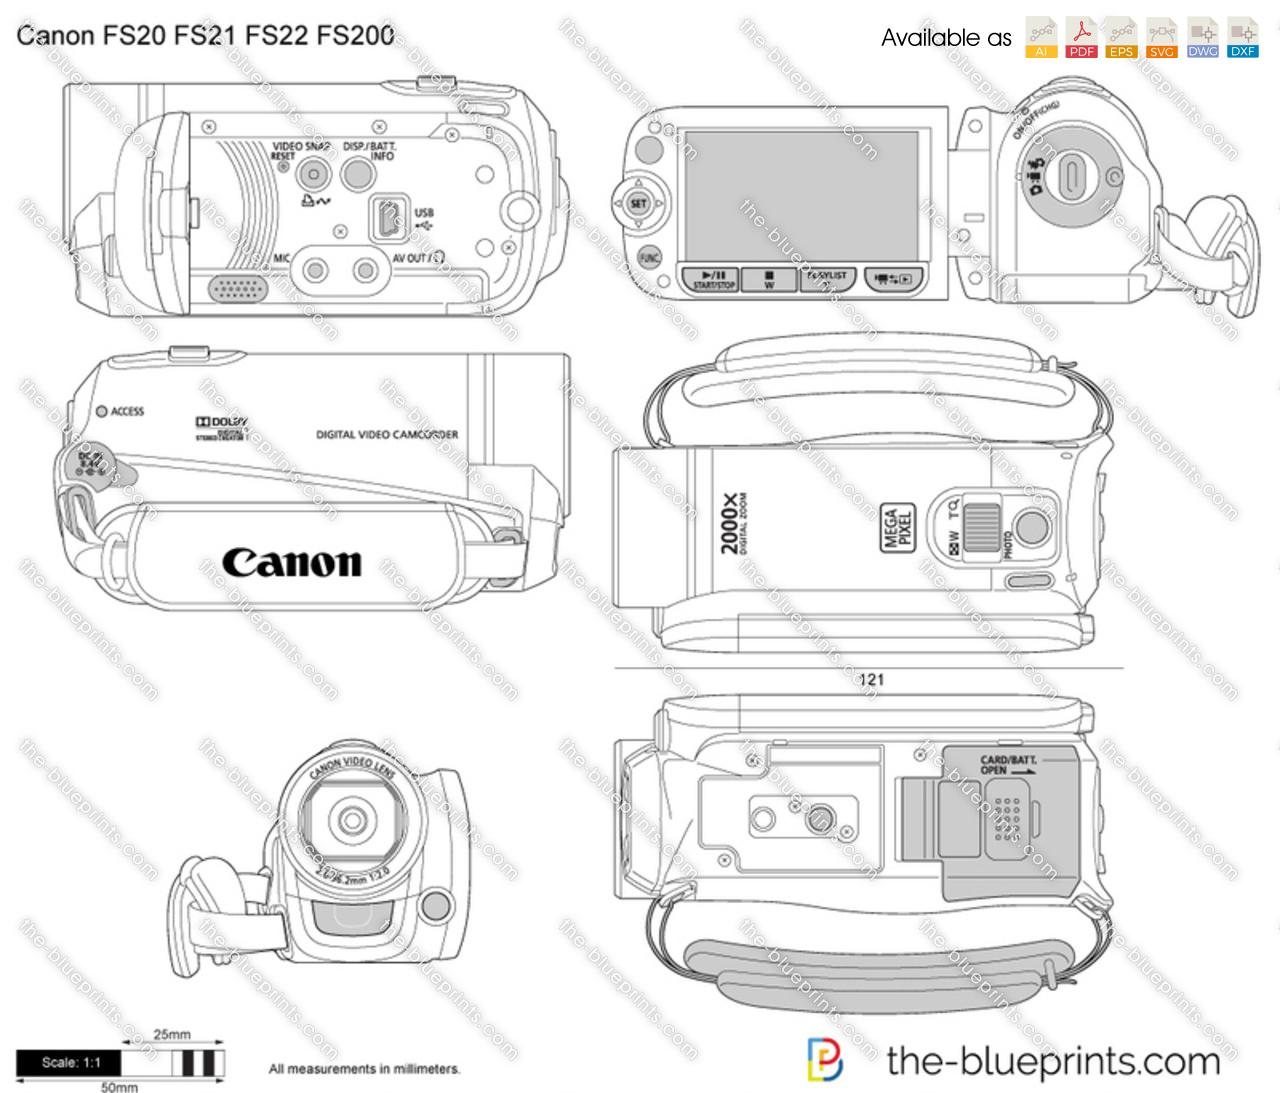 Canon FS20 FS21 FS22 FS200 vector drawing